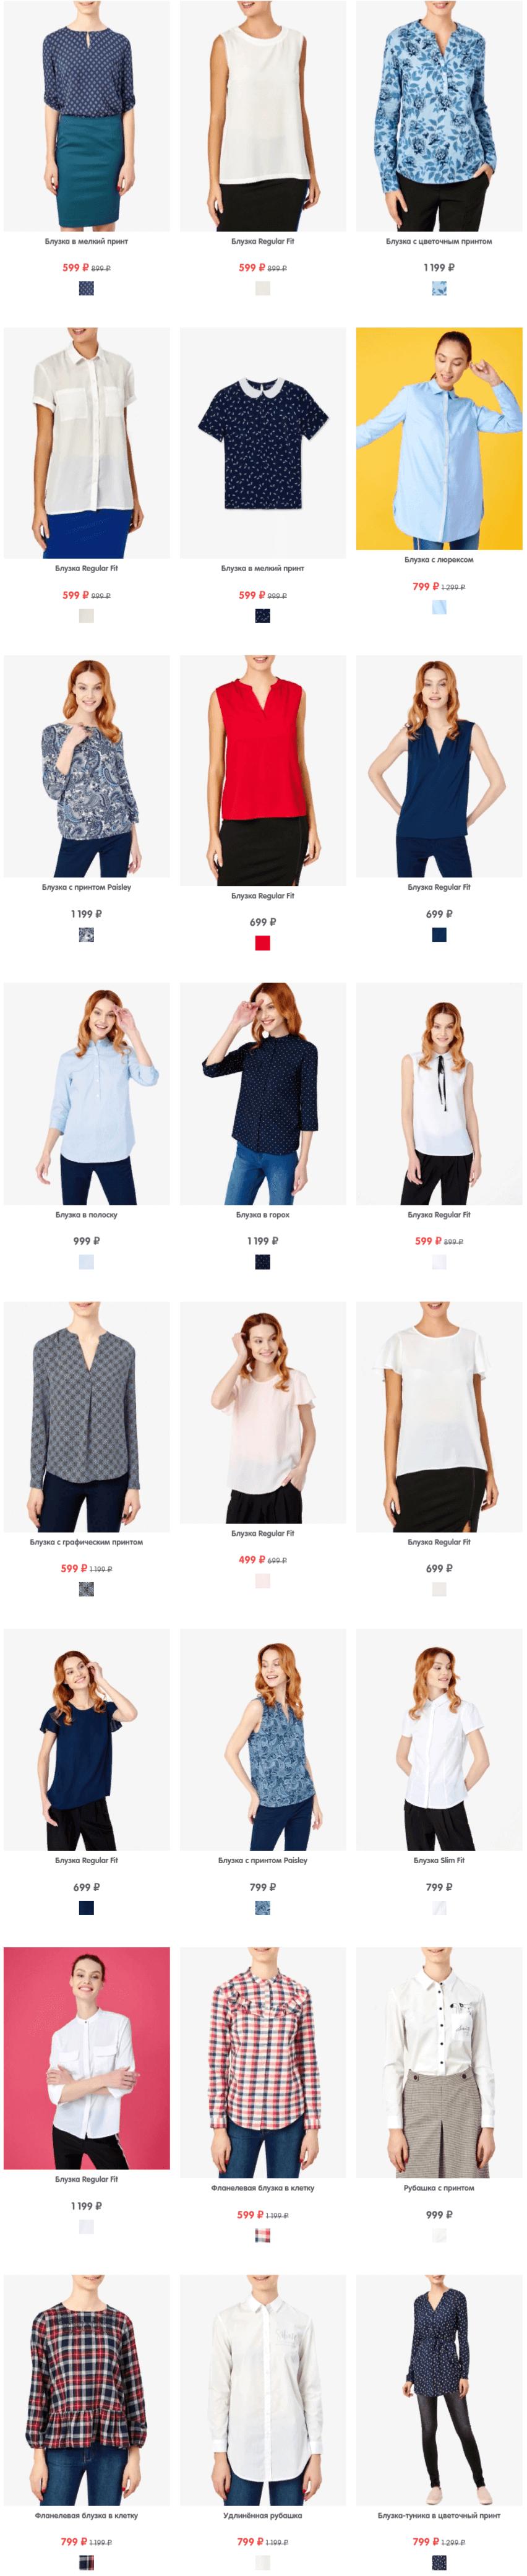 1 Купить Женские Блузки в интернет-магазине одежды Funday